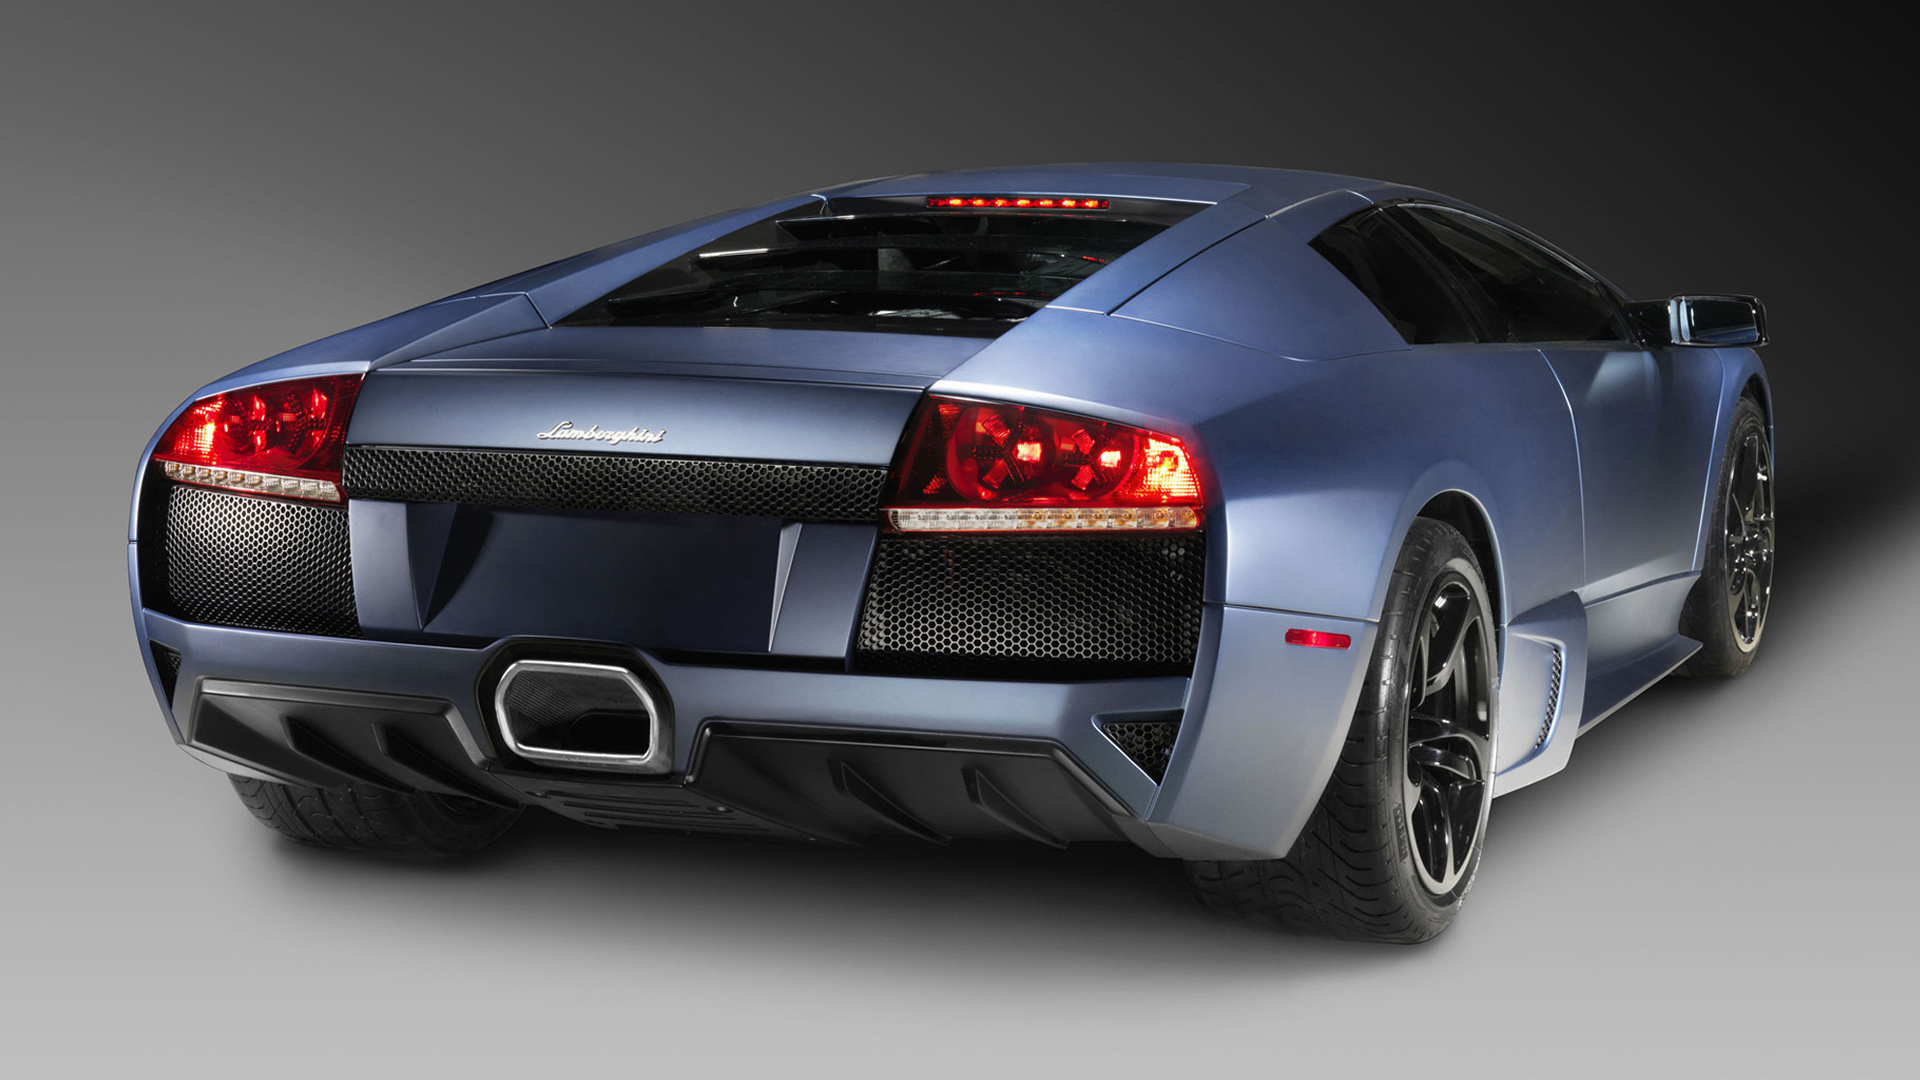 2008 Lamborghini Murcielago Lp 640 Ad Personam Us